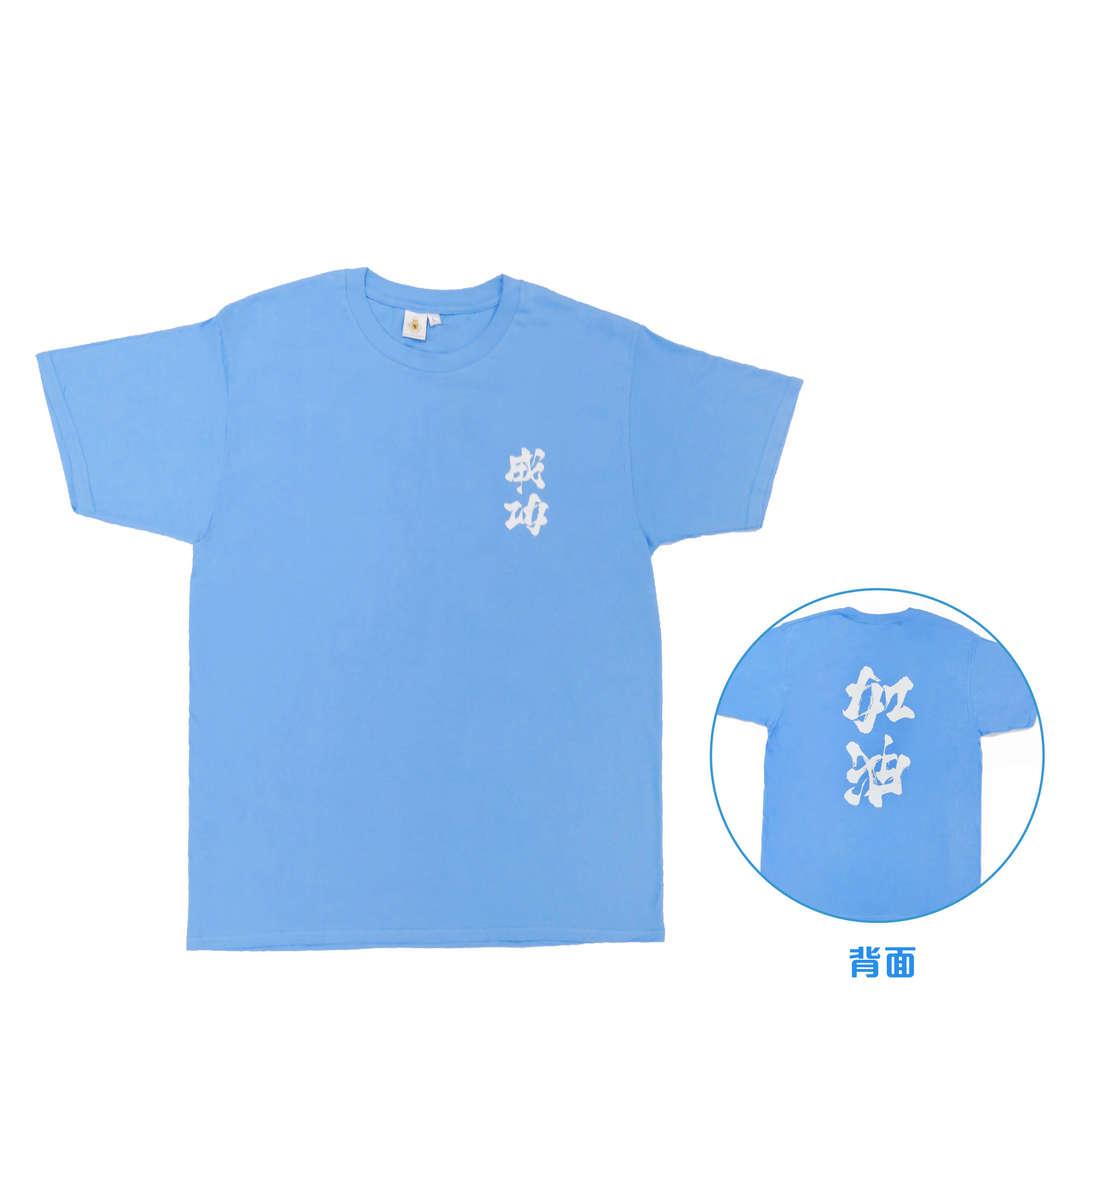 成功(F)/加油(B)-Tshirt-藍底白字(L)